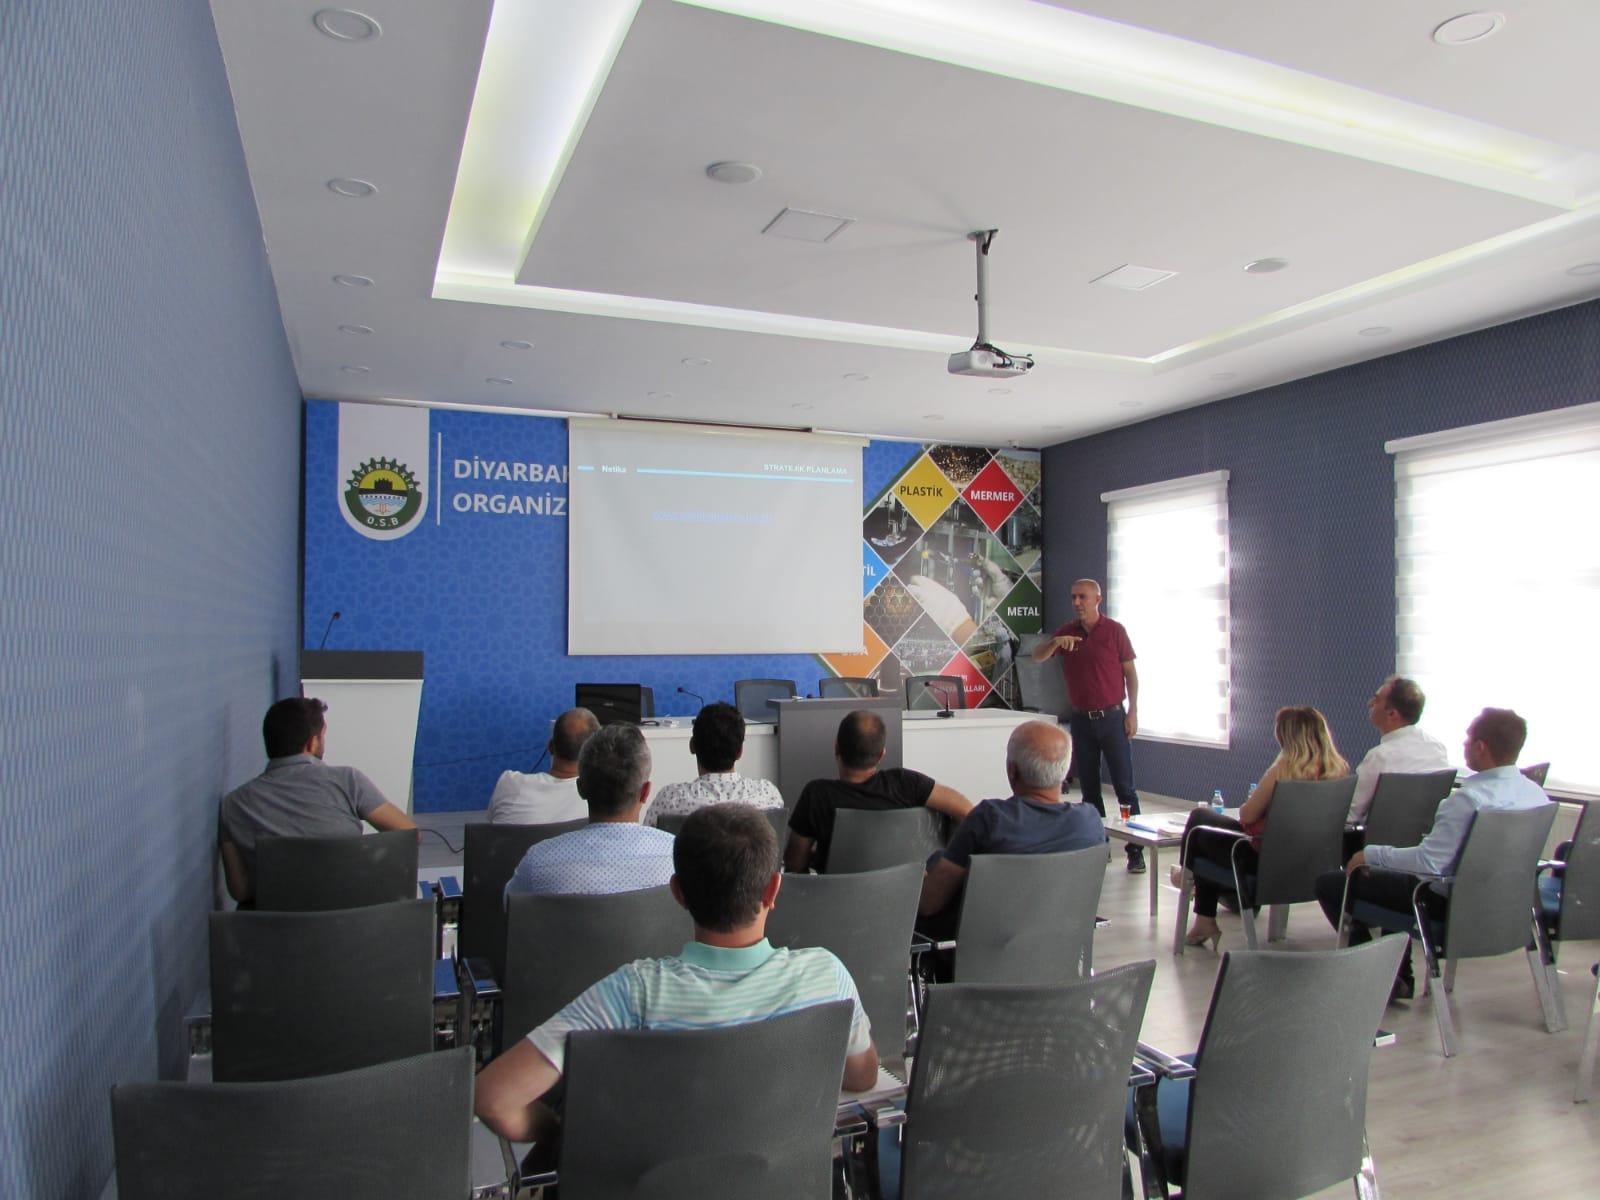 Diyarbakır OSB'de Stratejik Planlama Danışmanlık Hizmeti